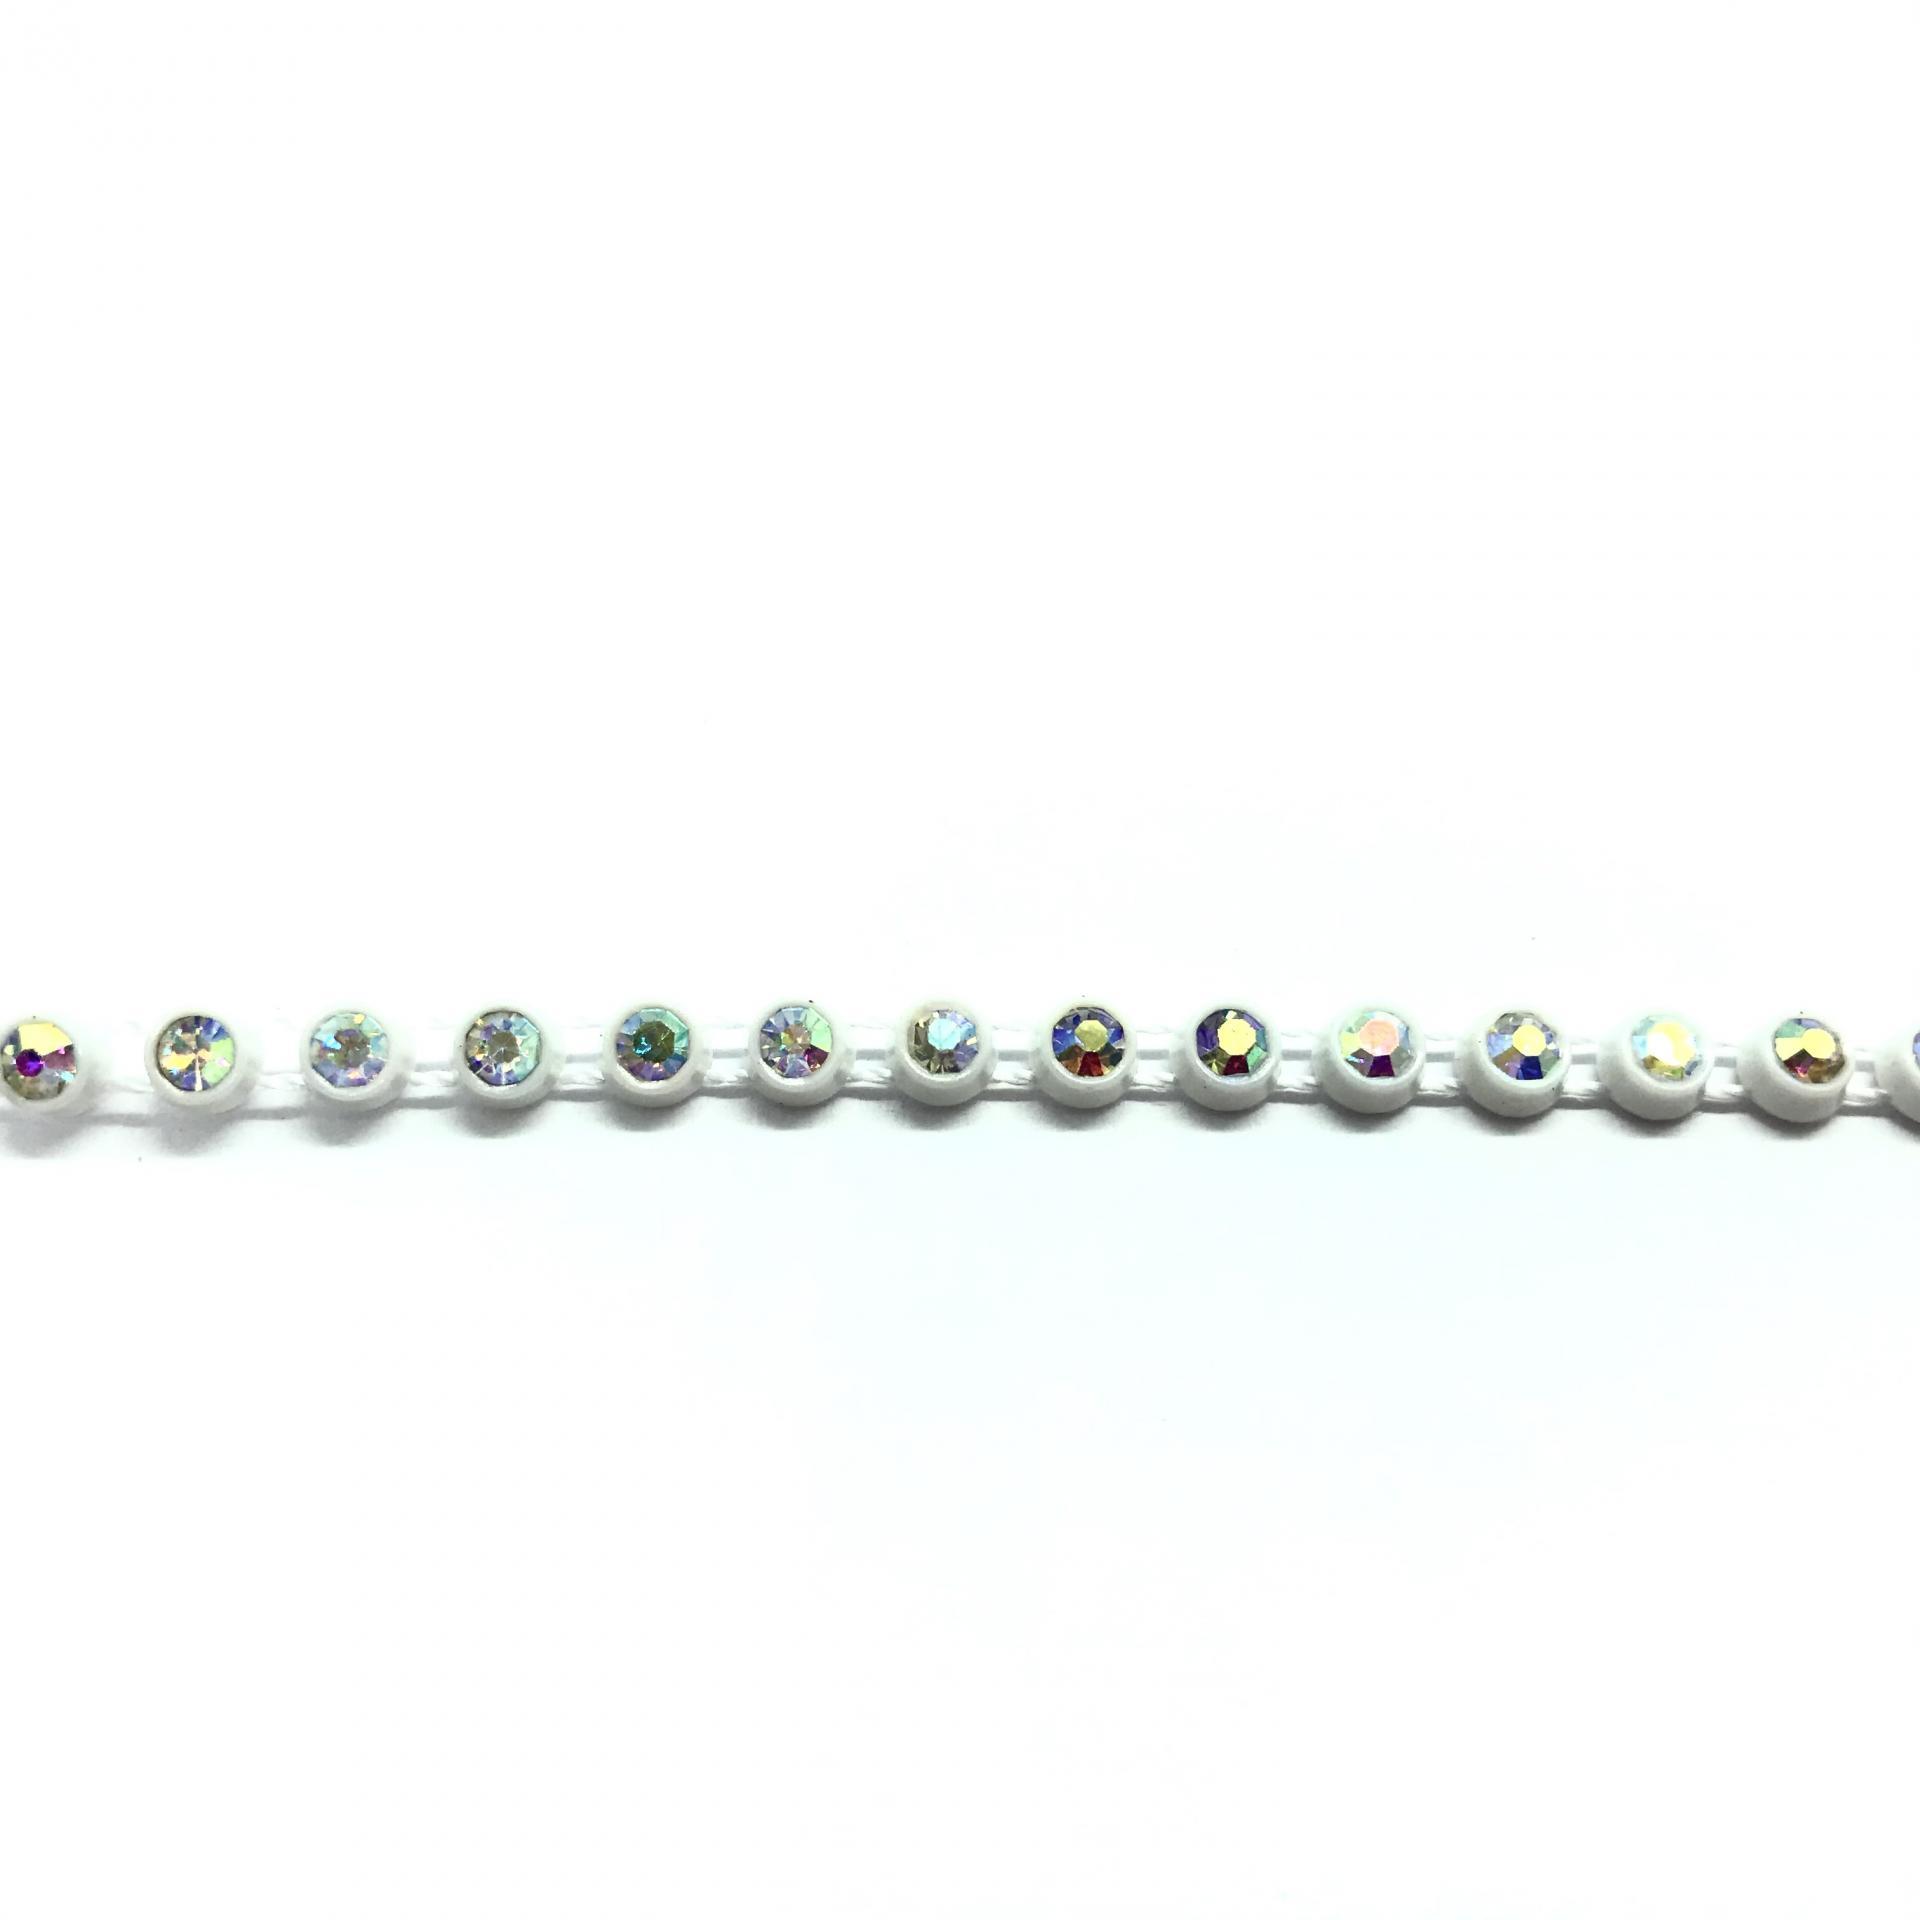 Galon de strass a coudre cristal ab base plastique blanche 3mm